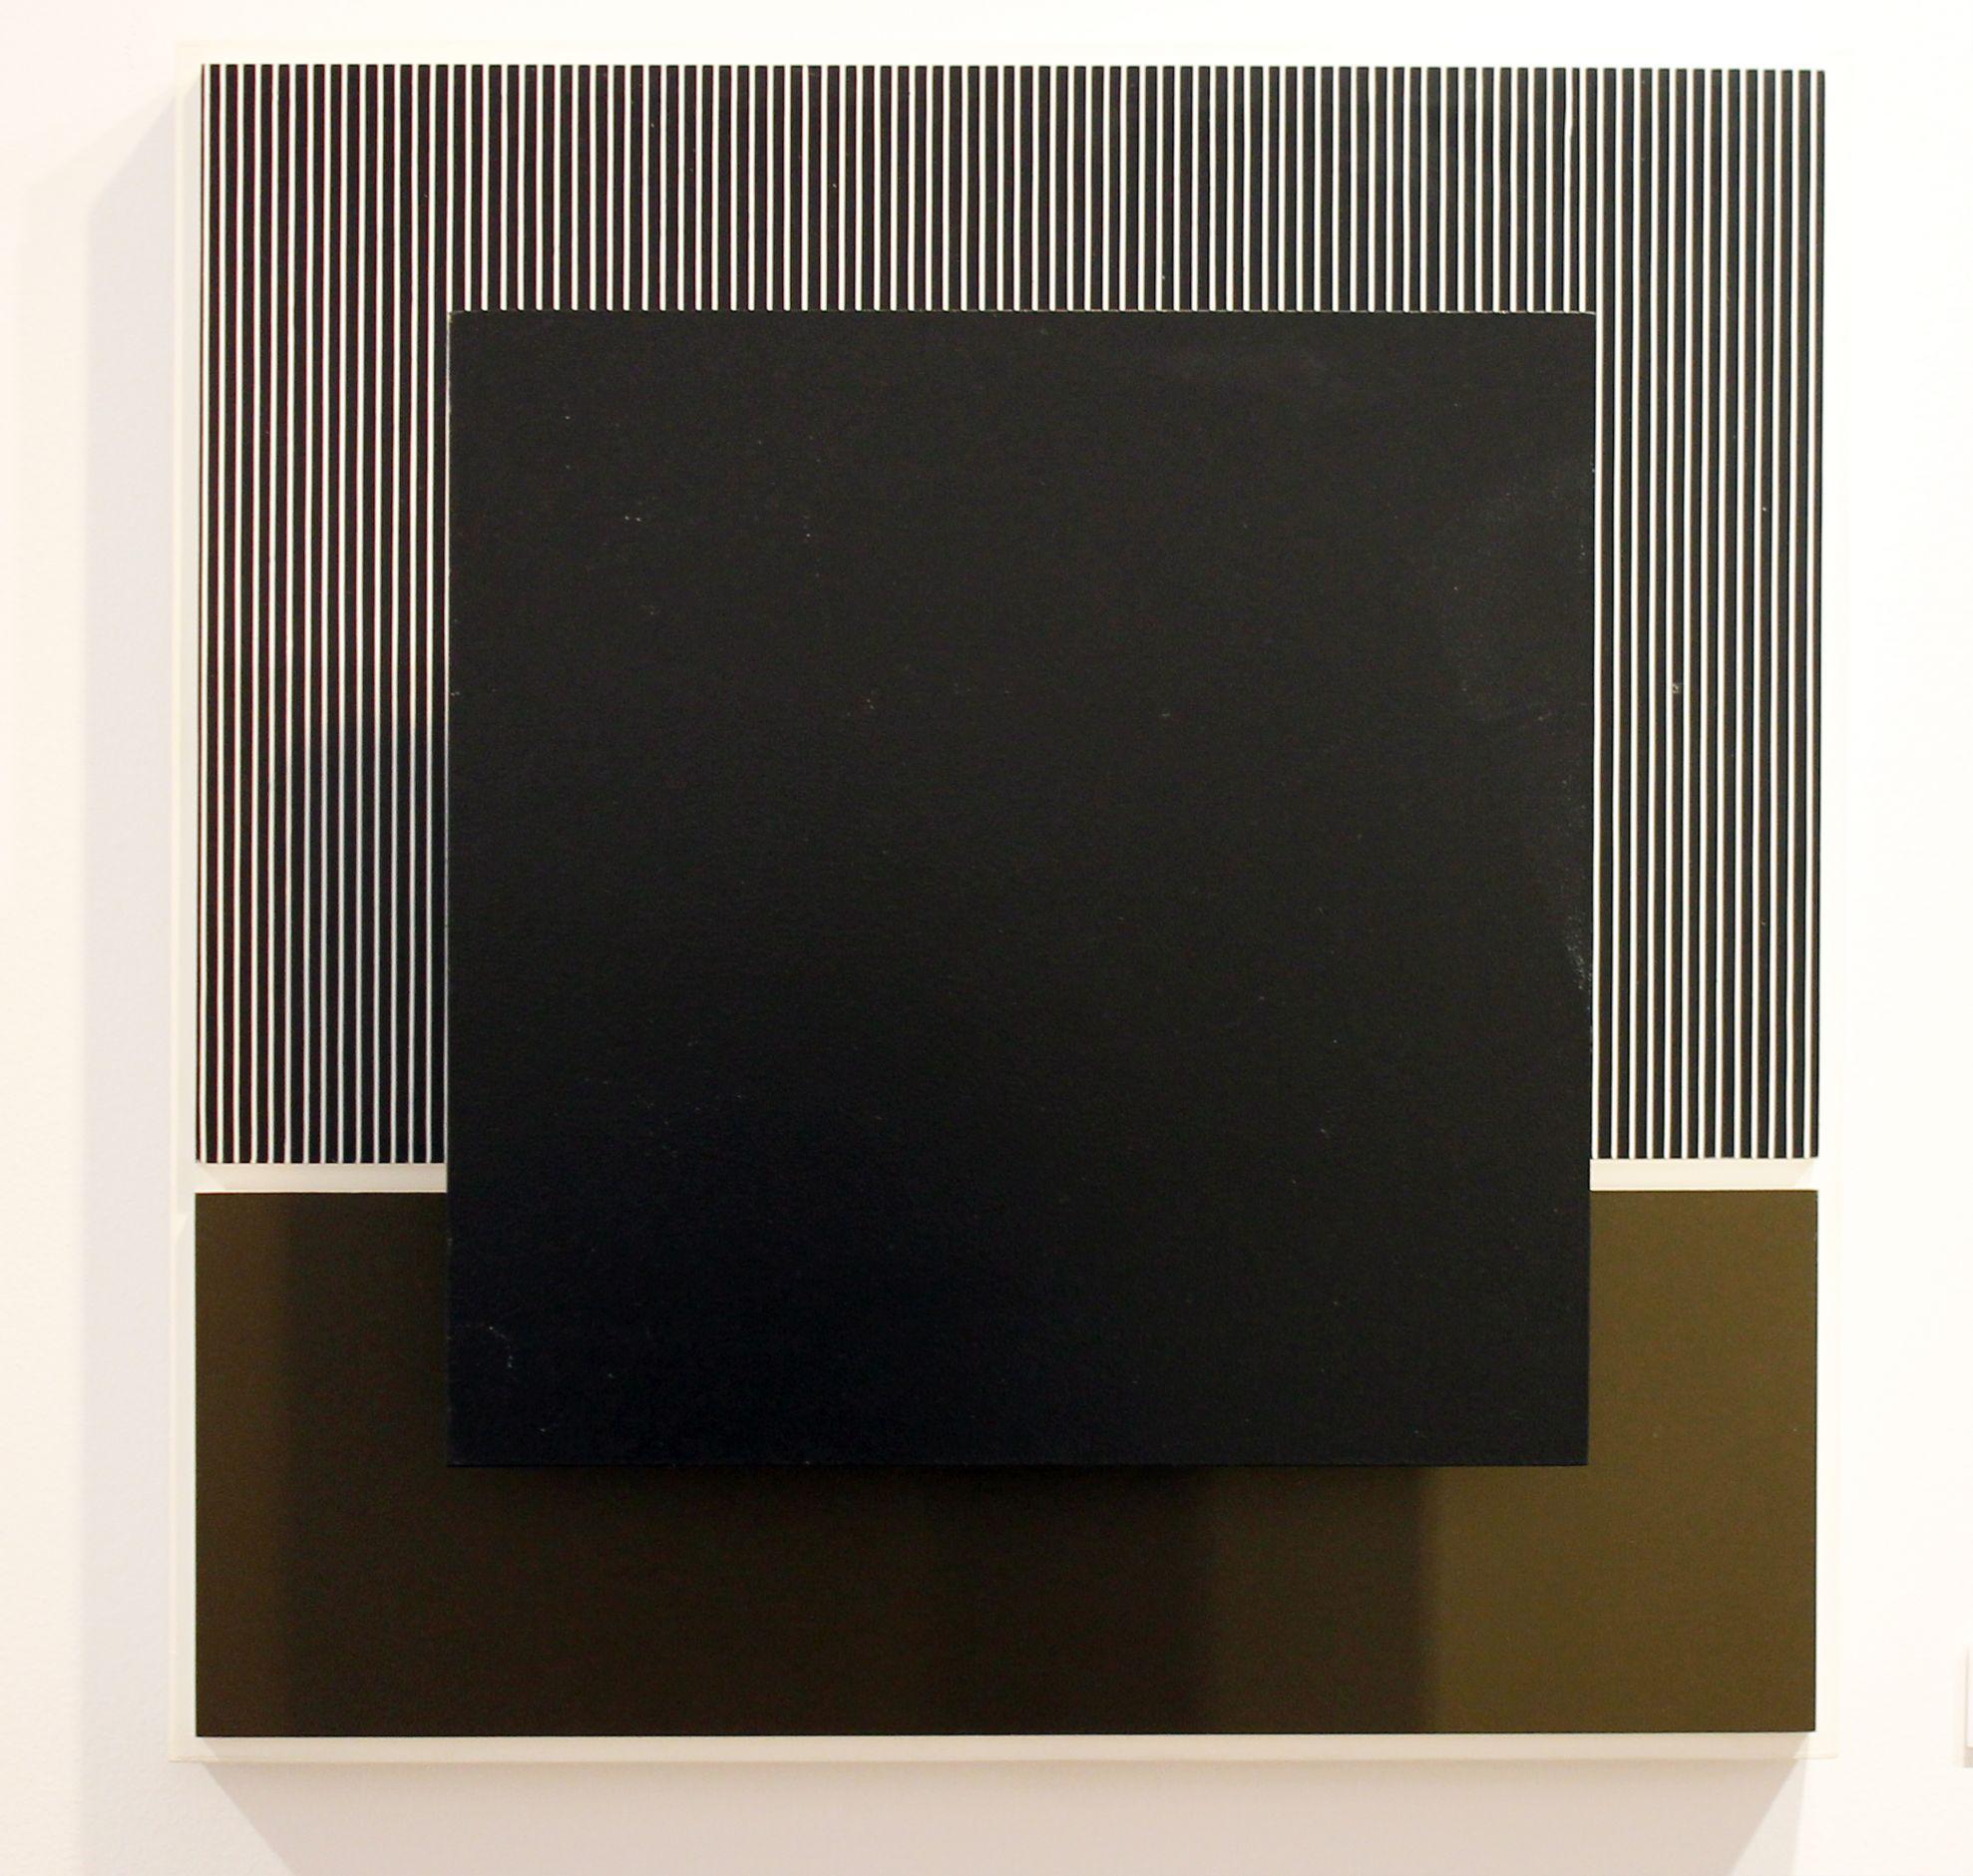 Negro y oliva (1989) - Jesús Rafael Soto - Jesús R. Soto